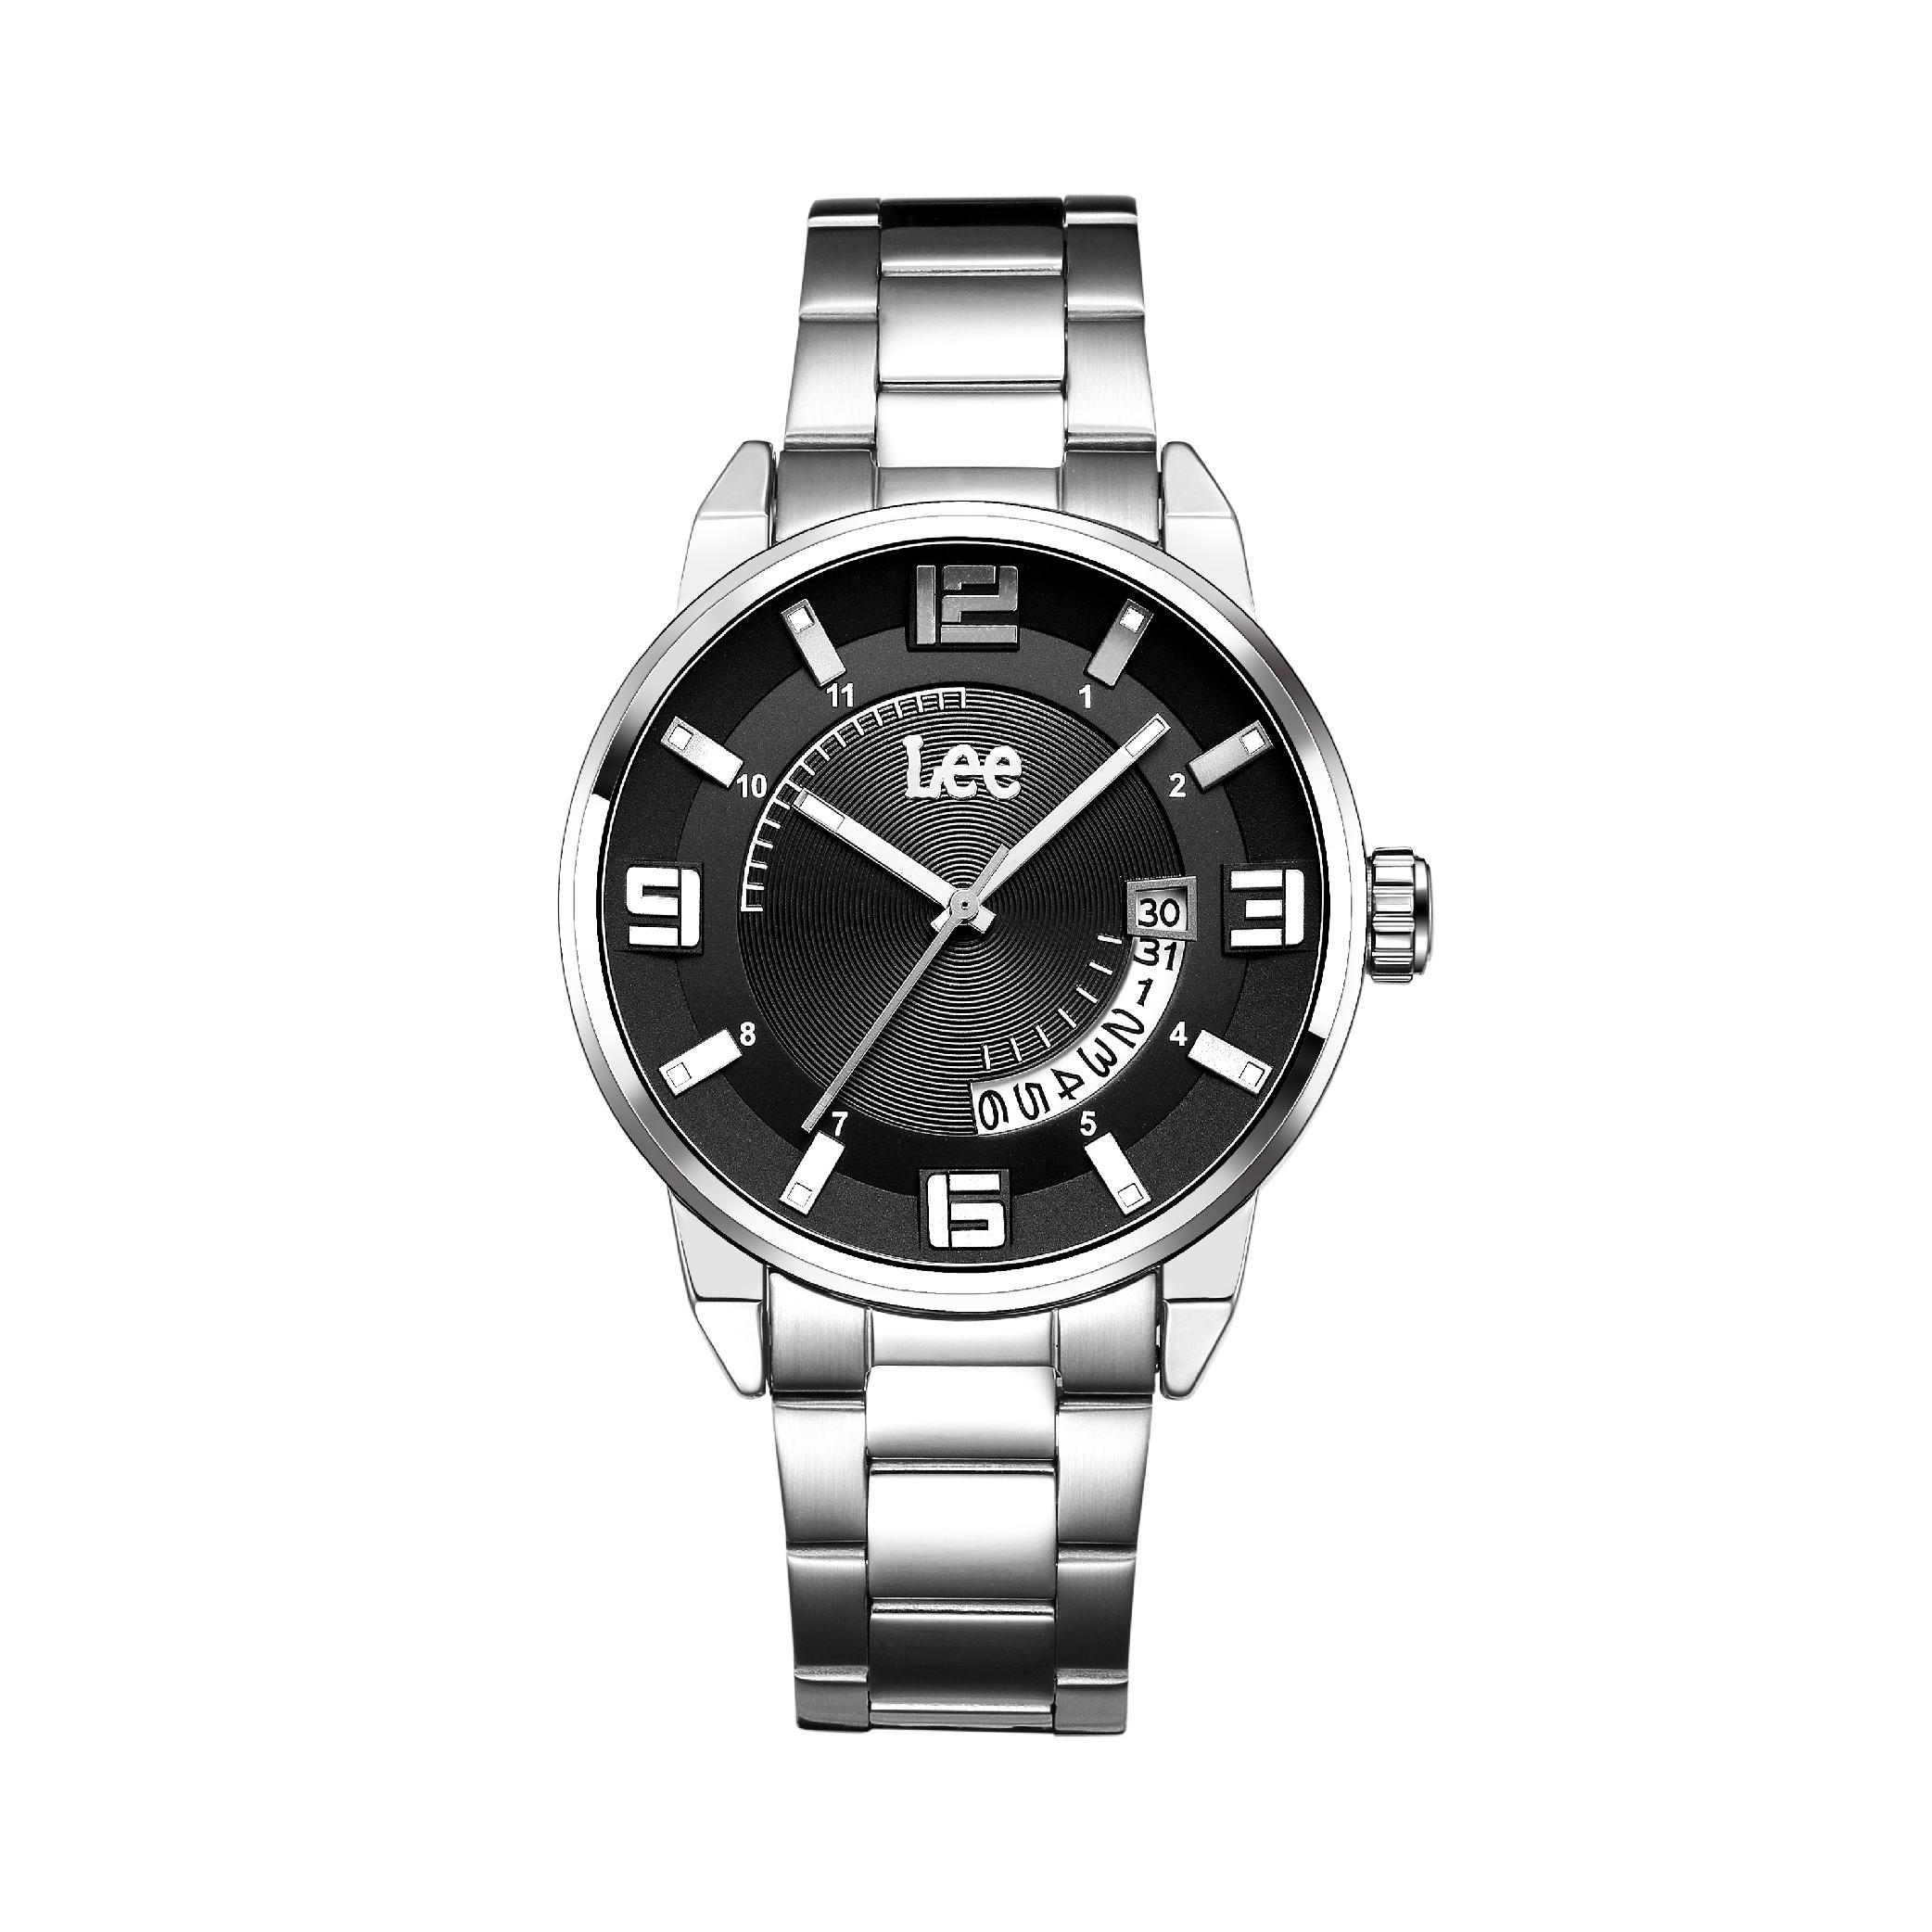 นาฬิกาข้อมือผู้ชาย LEE LEF-M85BSDS-1S